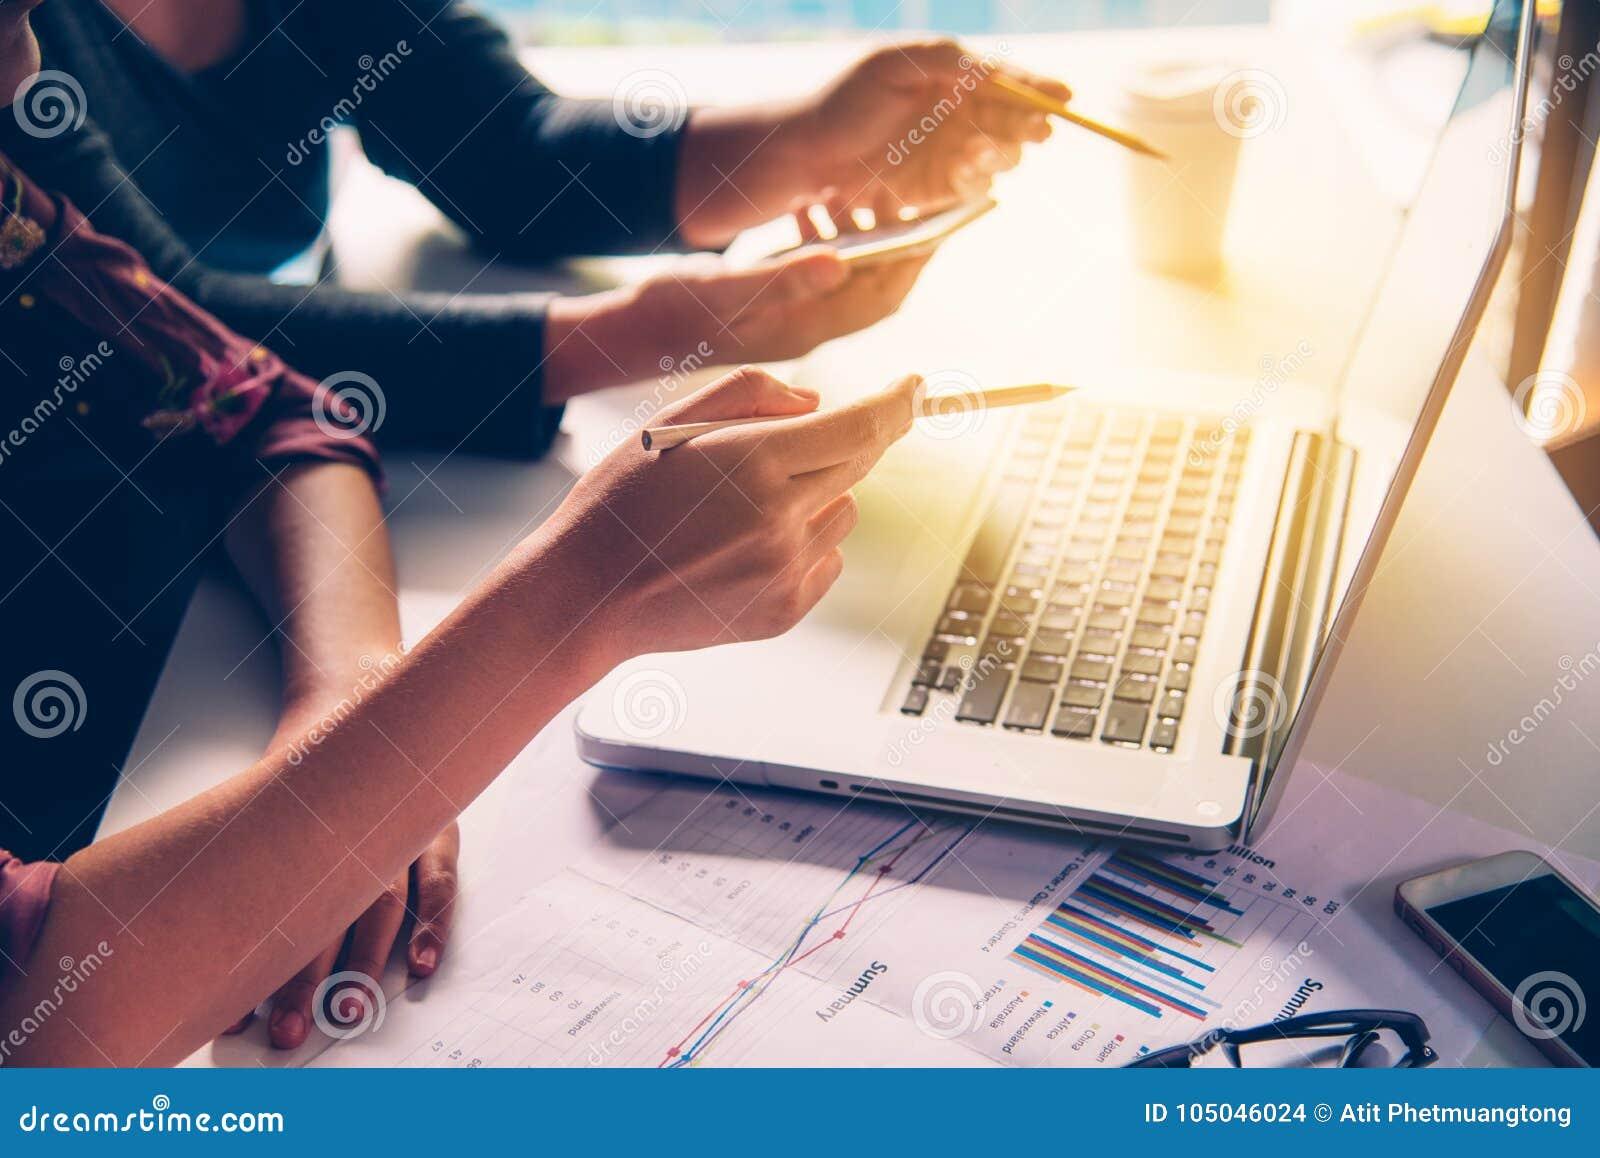 队商人` s工作 与财政的文件一起使用在露天场所办公室 过程中会议的报告 太阳强光作用